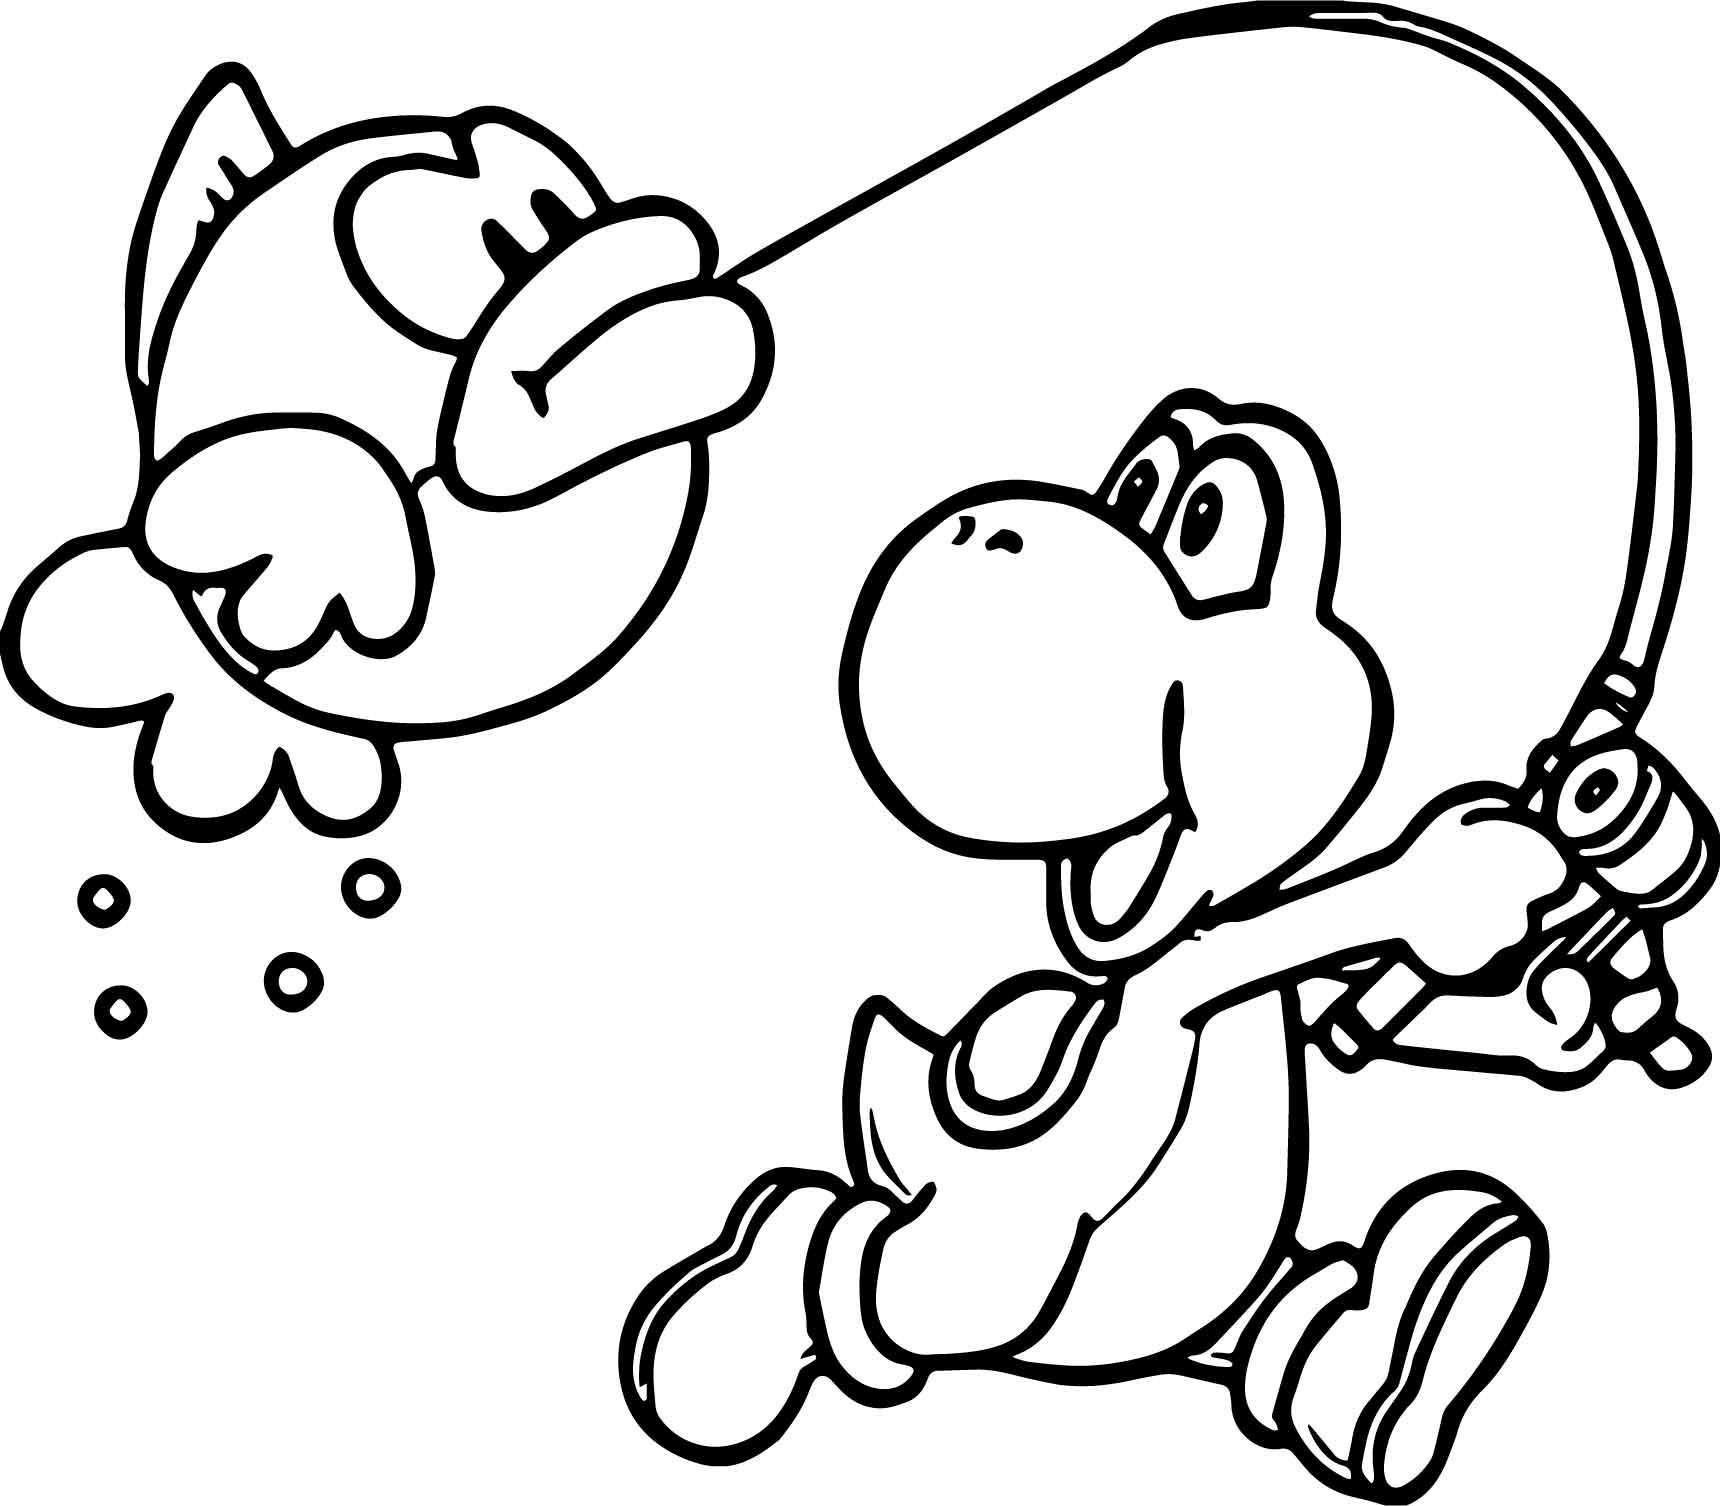 Yoshi ausmalbilder kostenlos Mario coloring pages